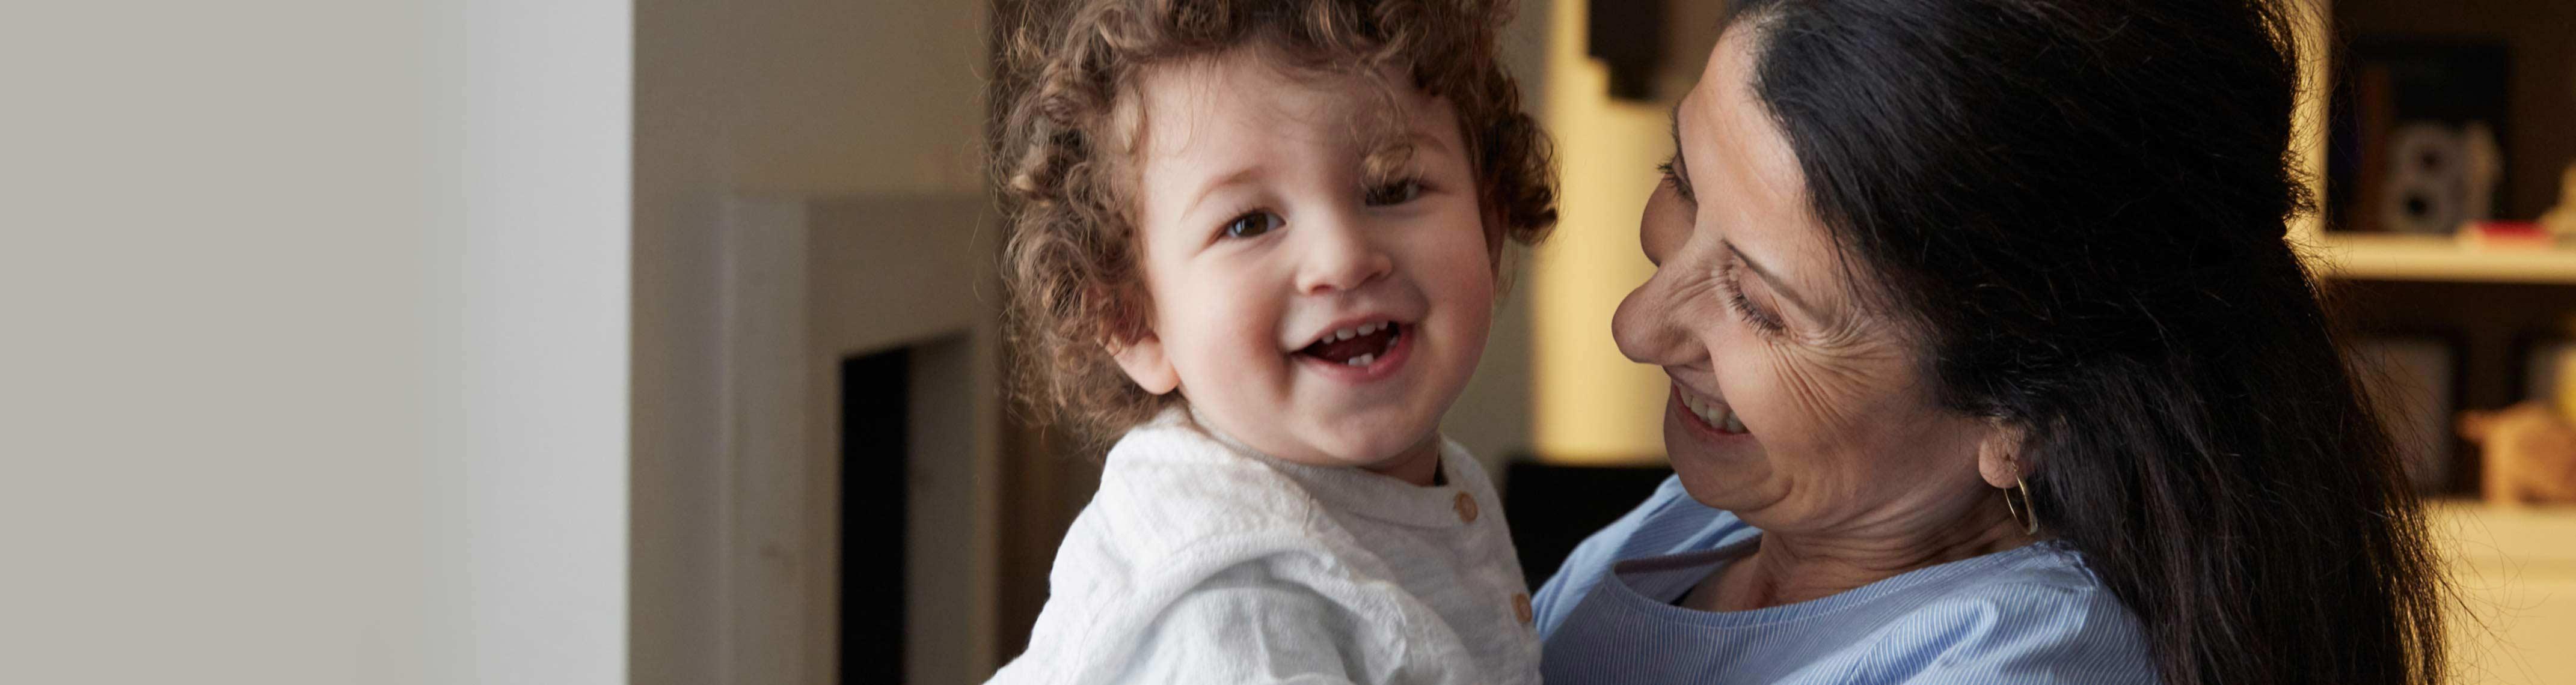 Mulher sorrindo com criança no colo